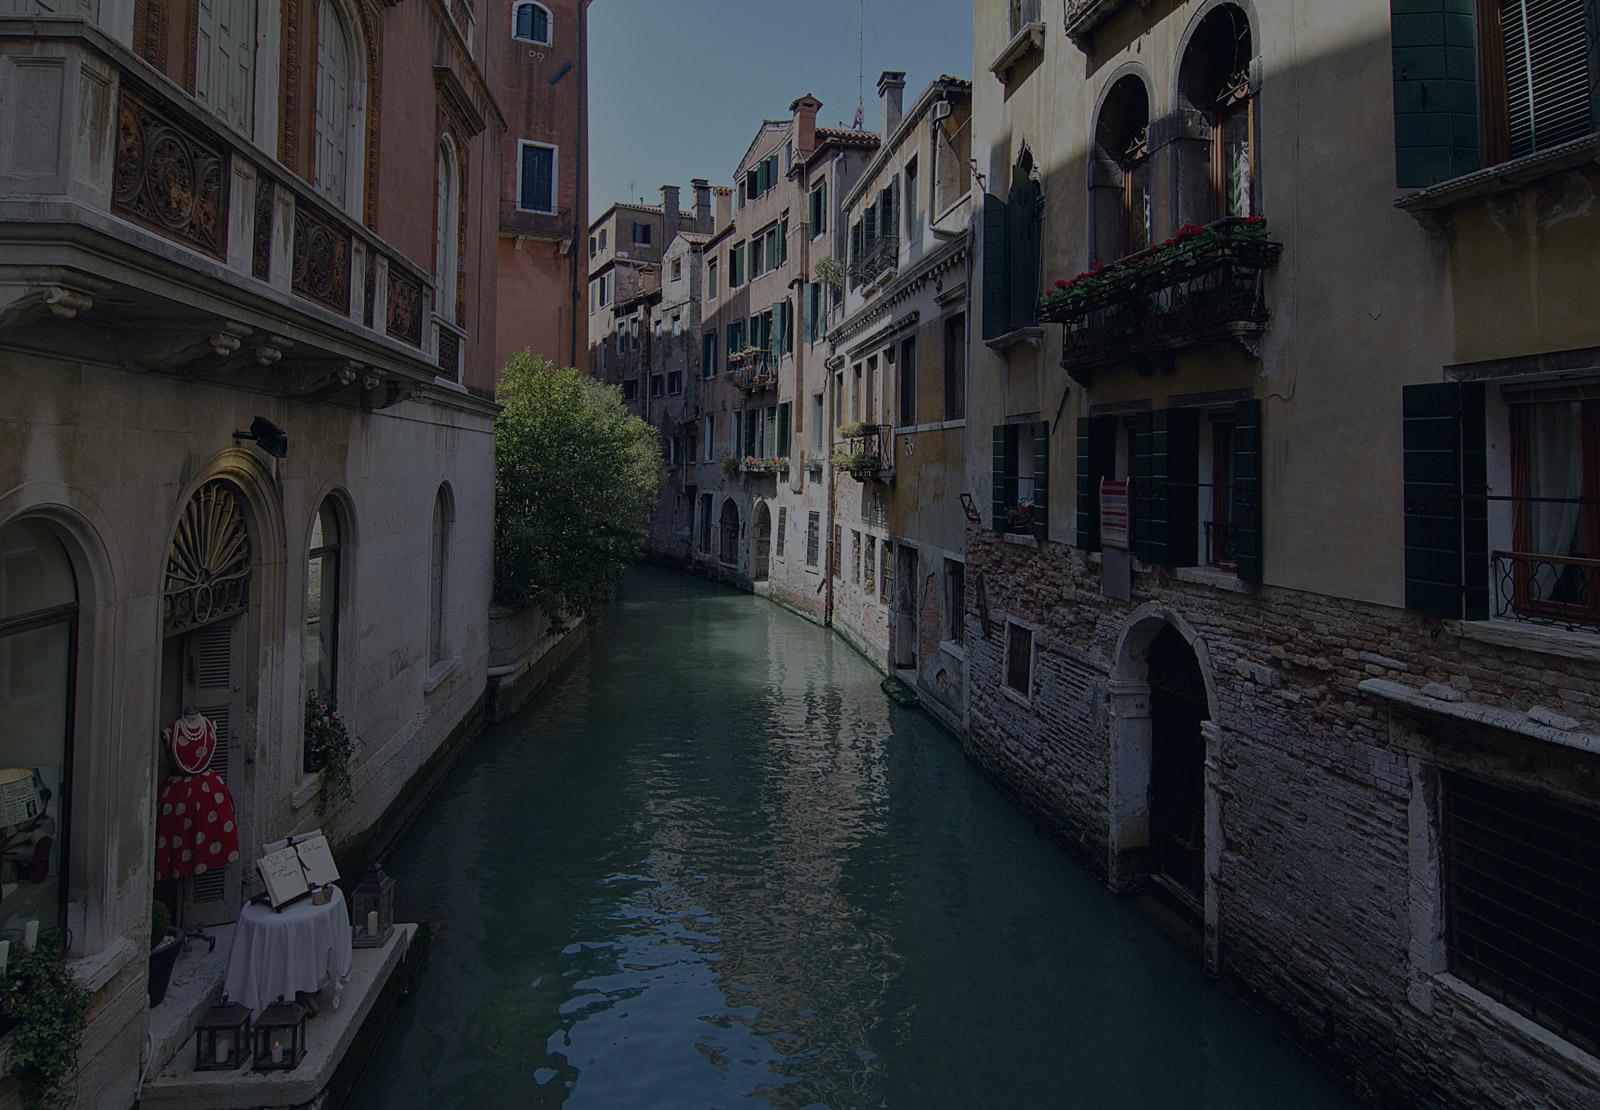 ItaliaVentures